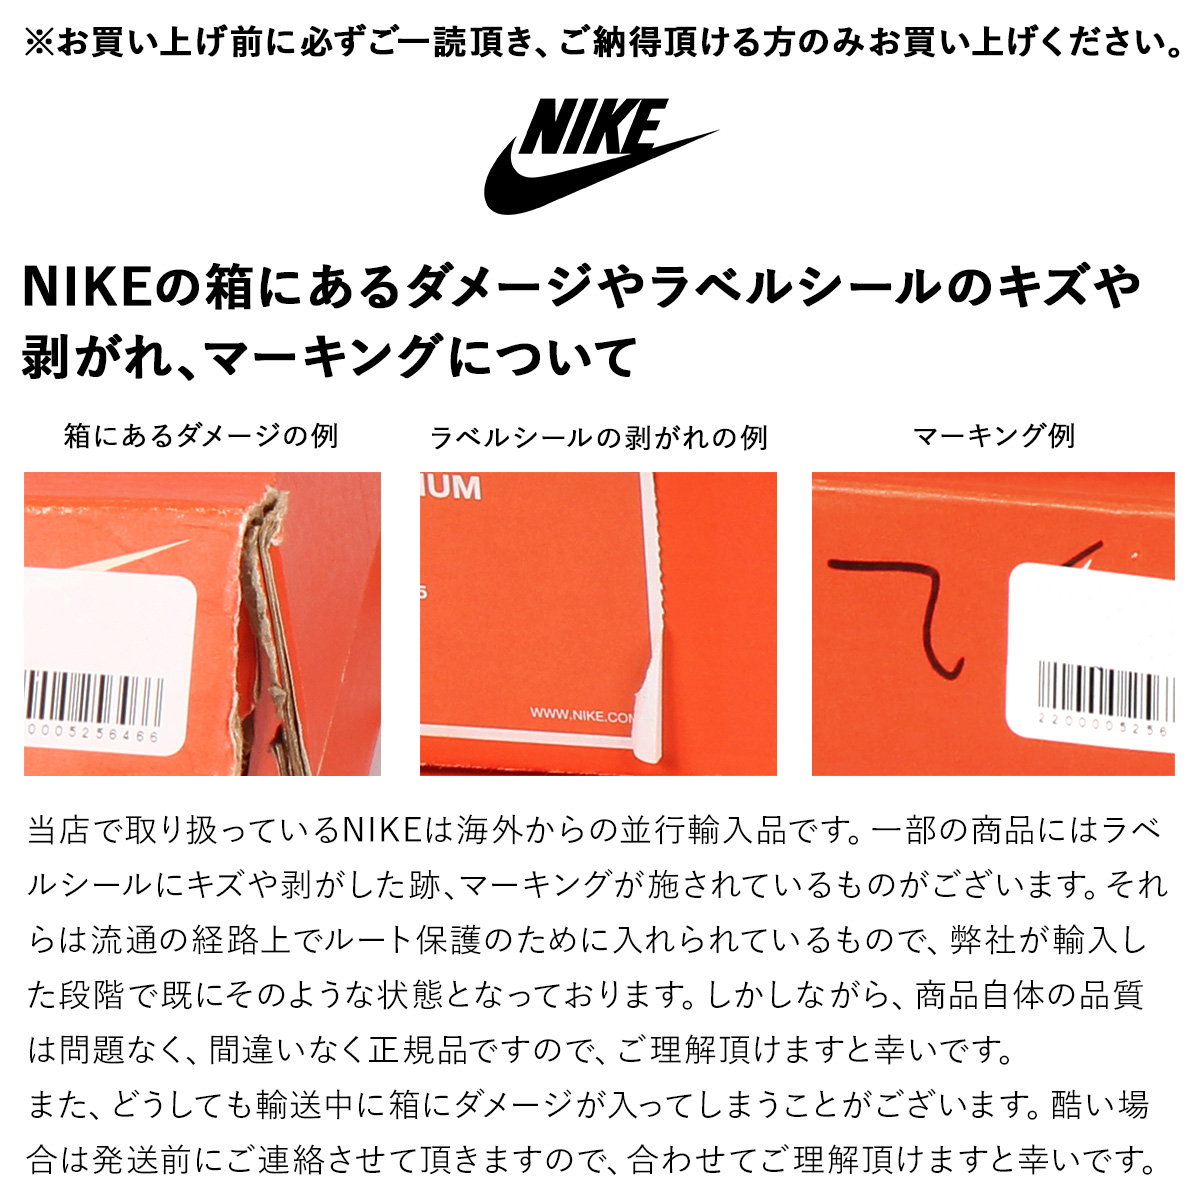 ナイキ NIKE レブロン 16 スニーカー メンズ LEBRON 16 SB SUPER BRON ホワイト 白 CD2451 100zzi返品不可Pk8w0OnX